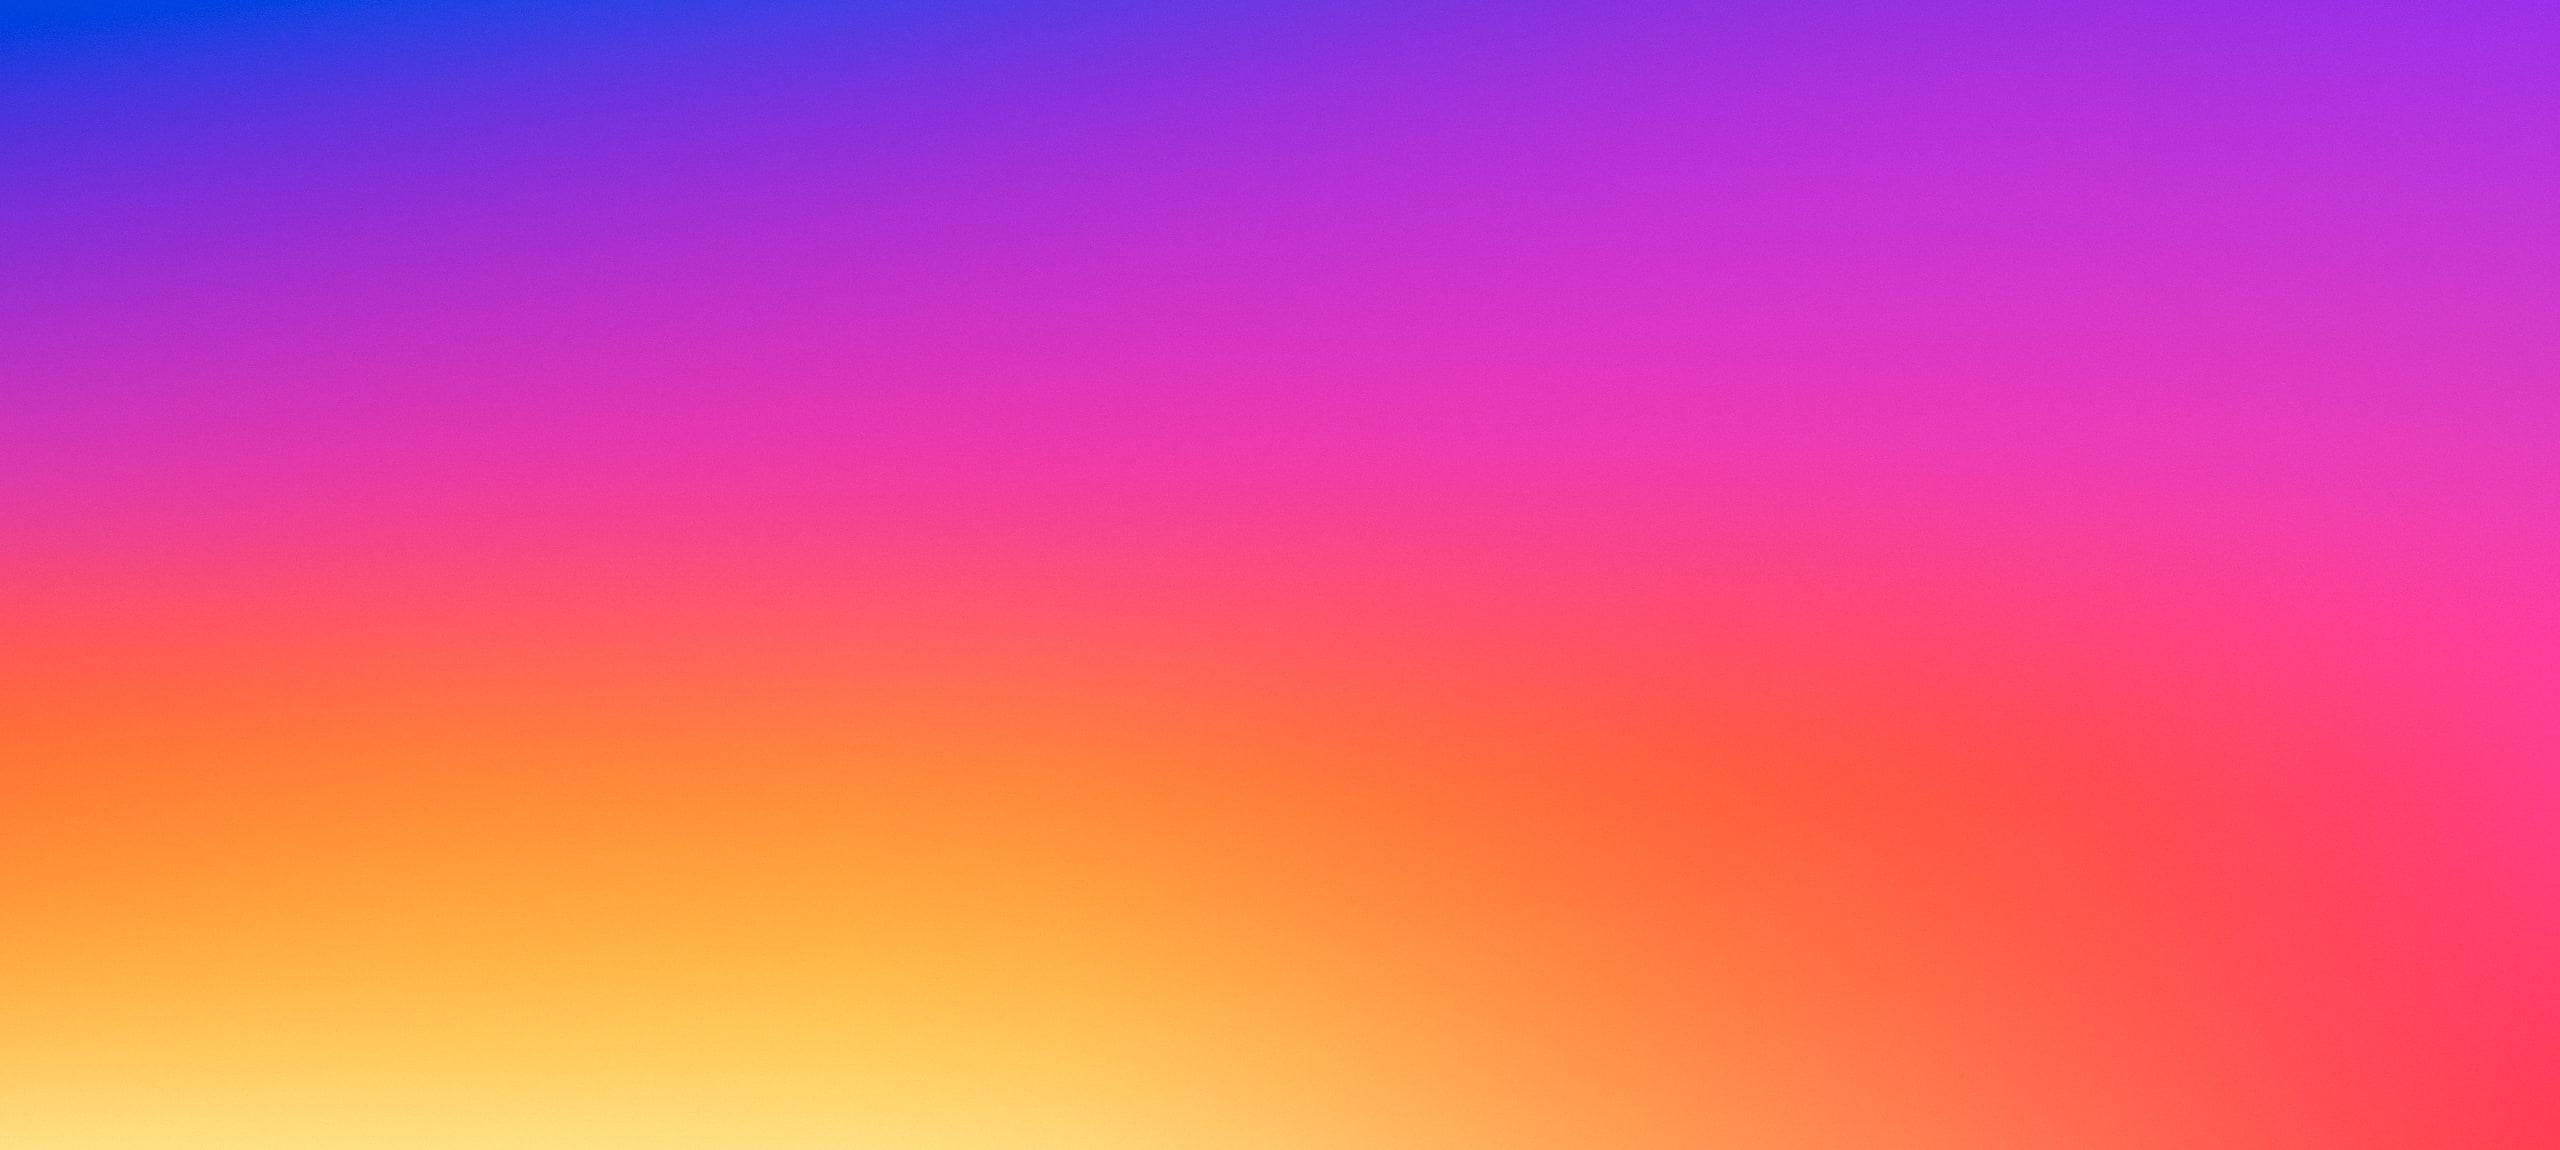 Instagram: profili colore e ottimizzazione delle immagini